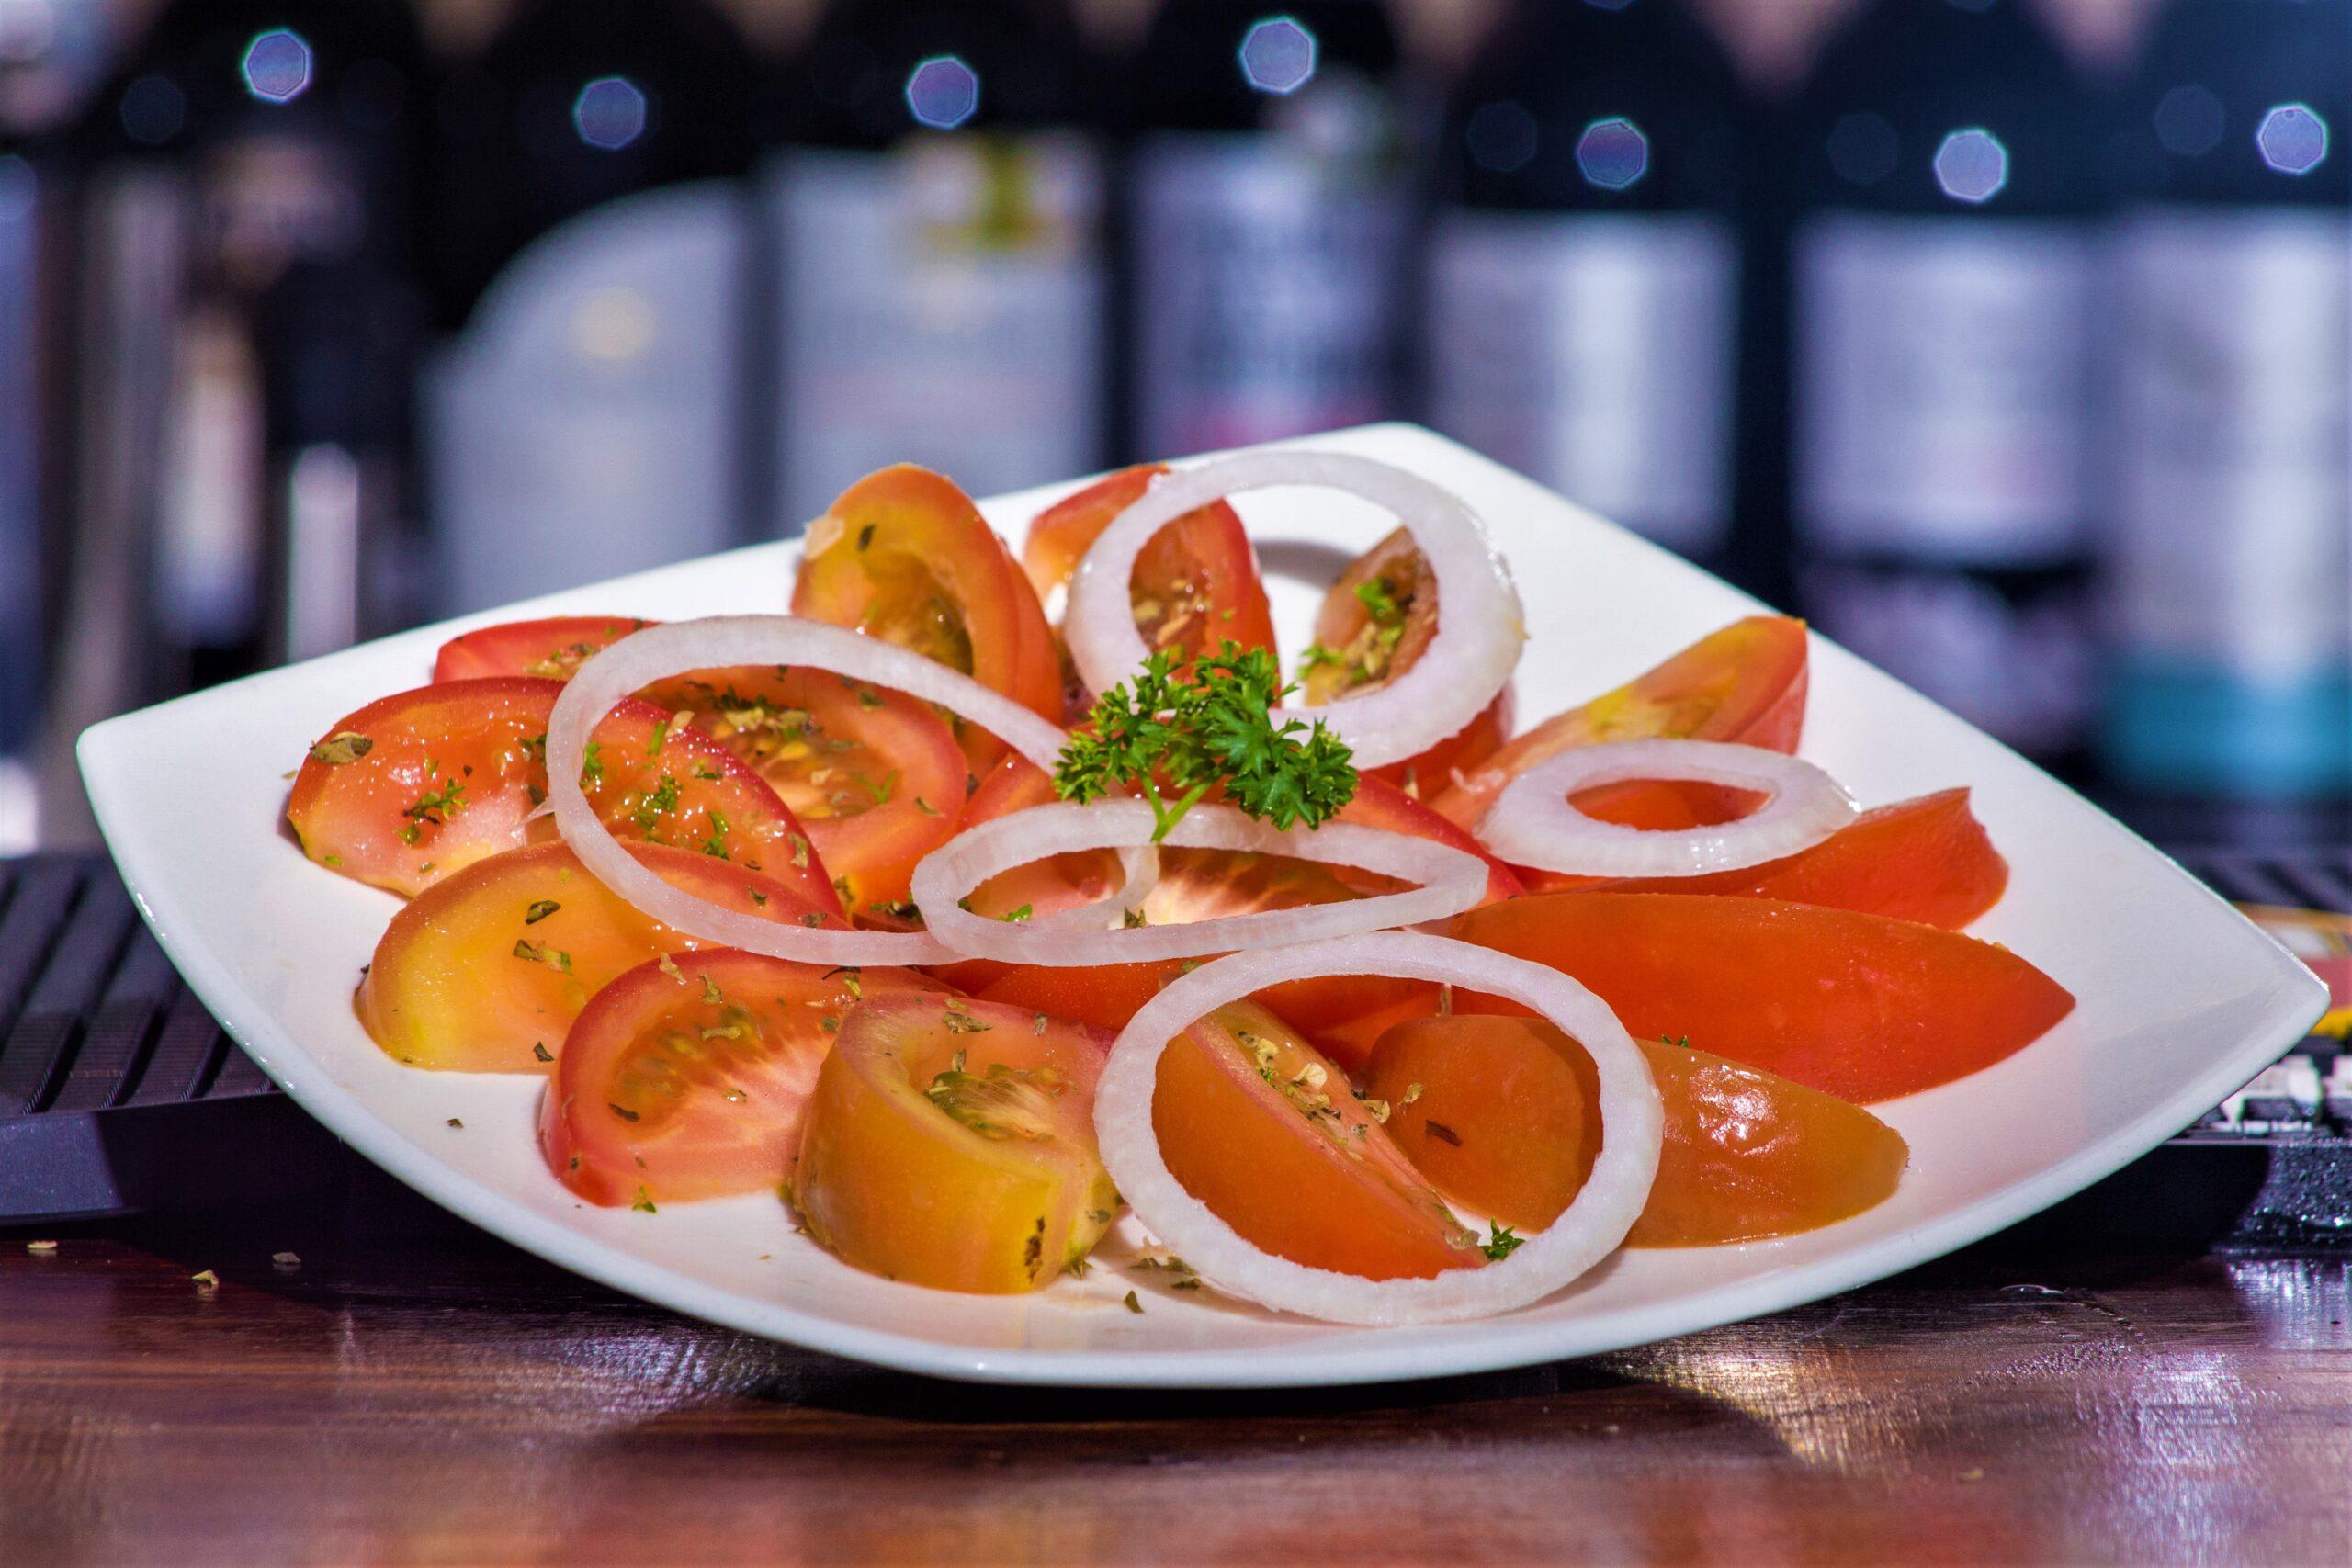 Beef De tomate y cebolla